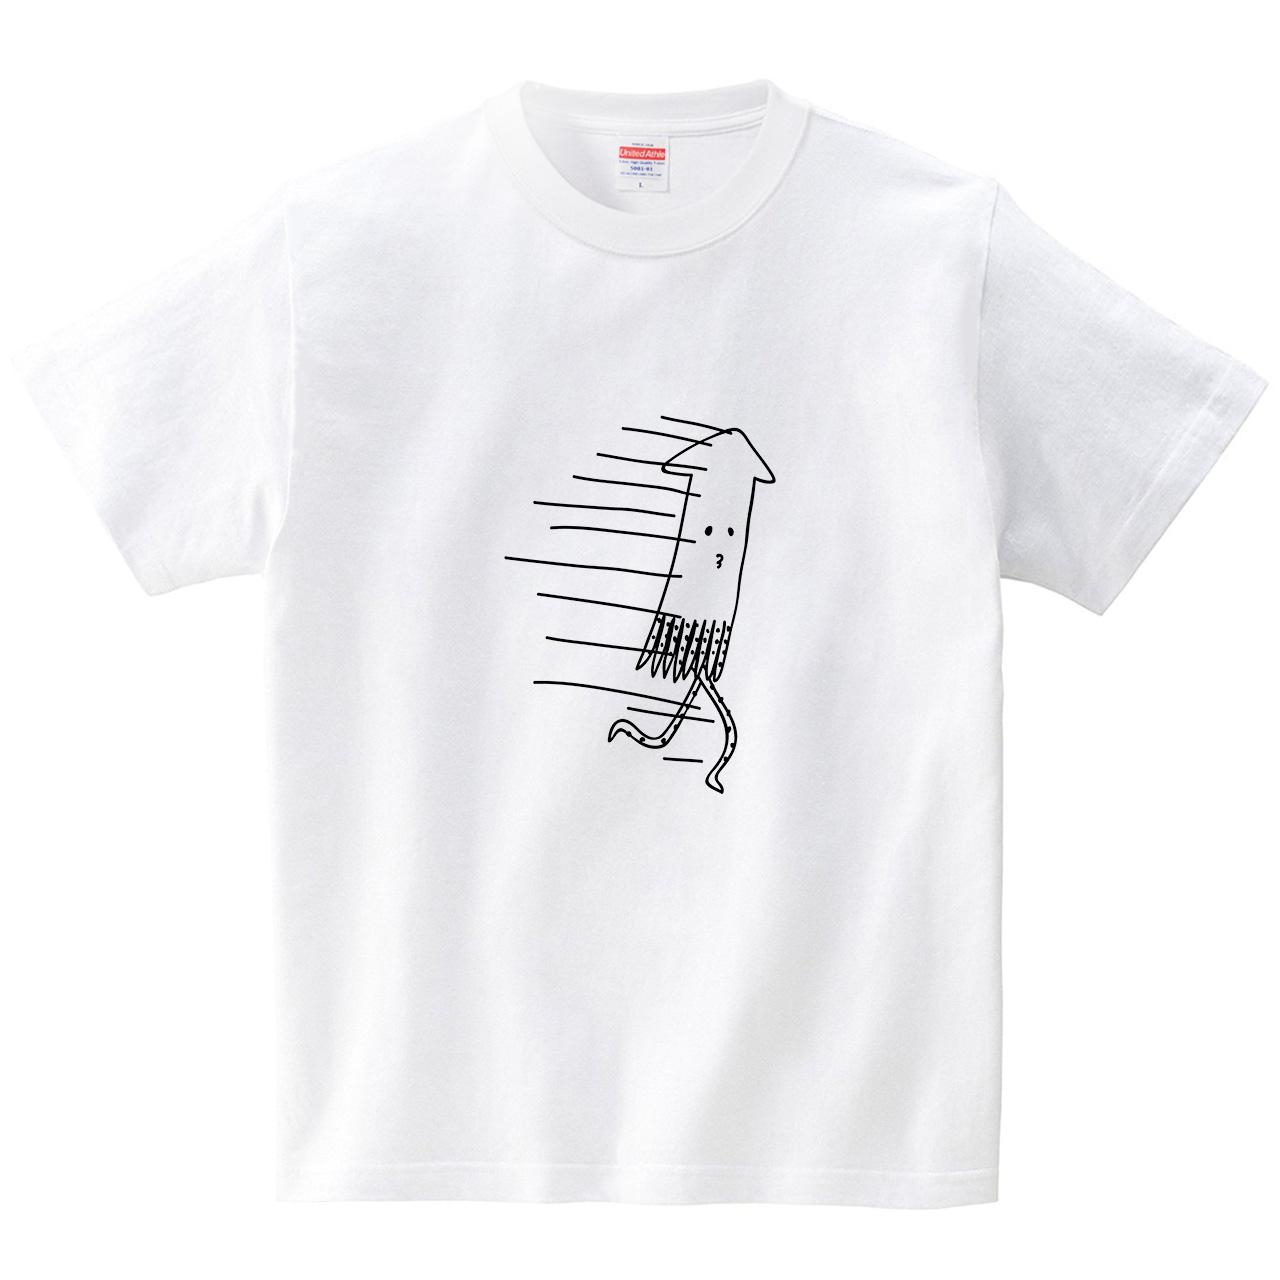 走るイカ(Tシャツ・ホワイト)(オワリ)